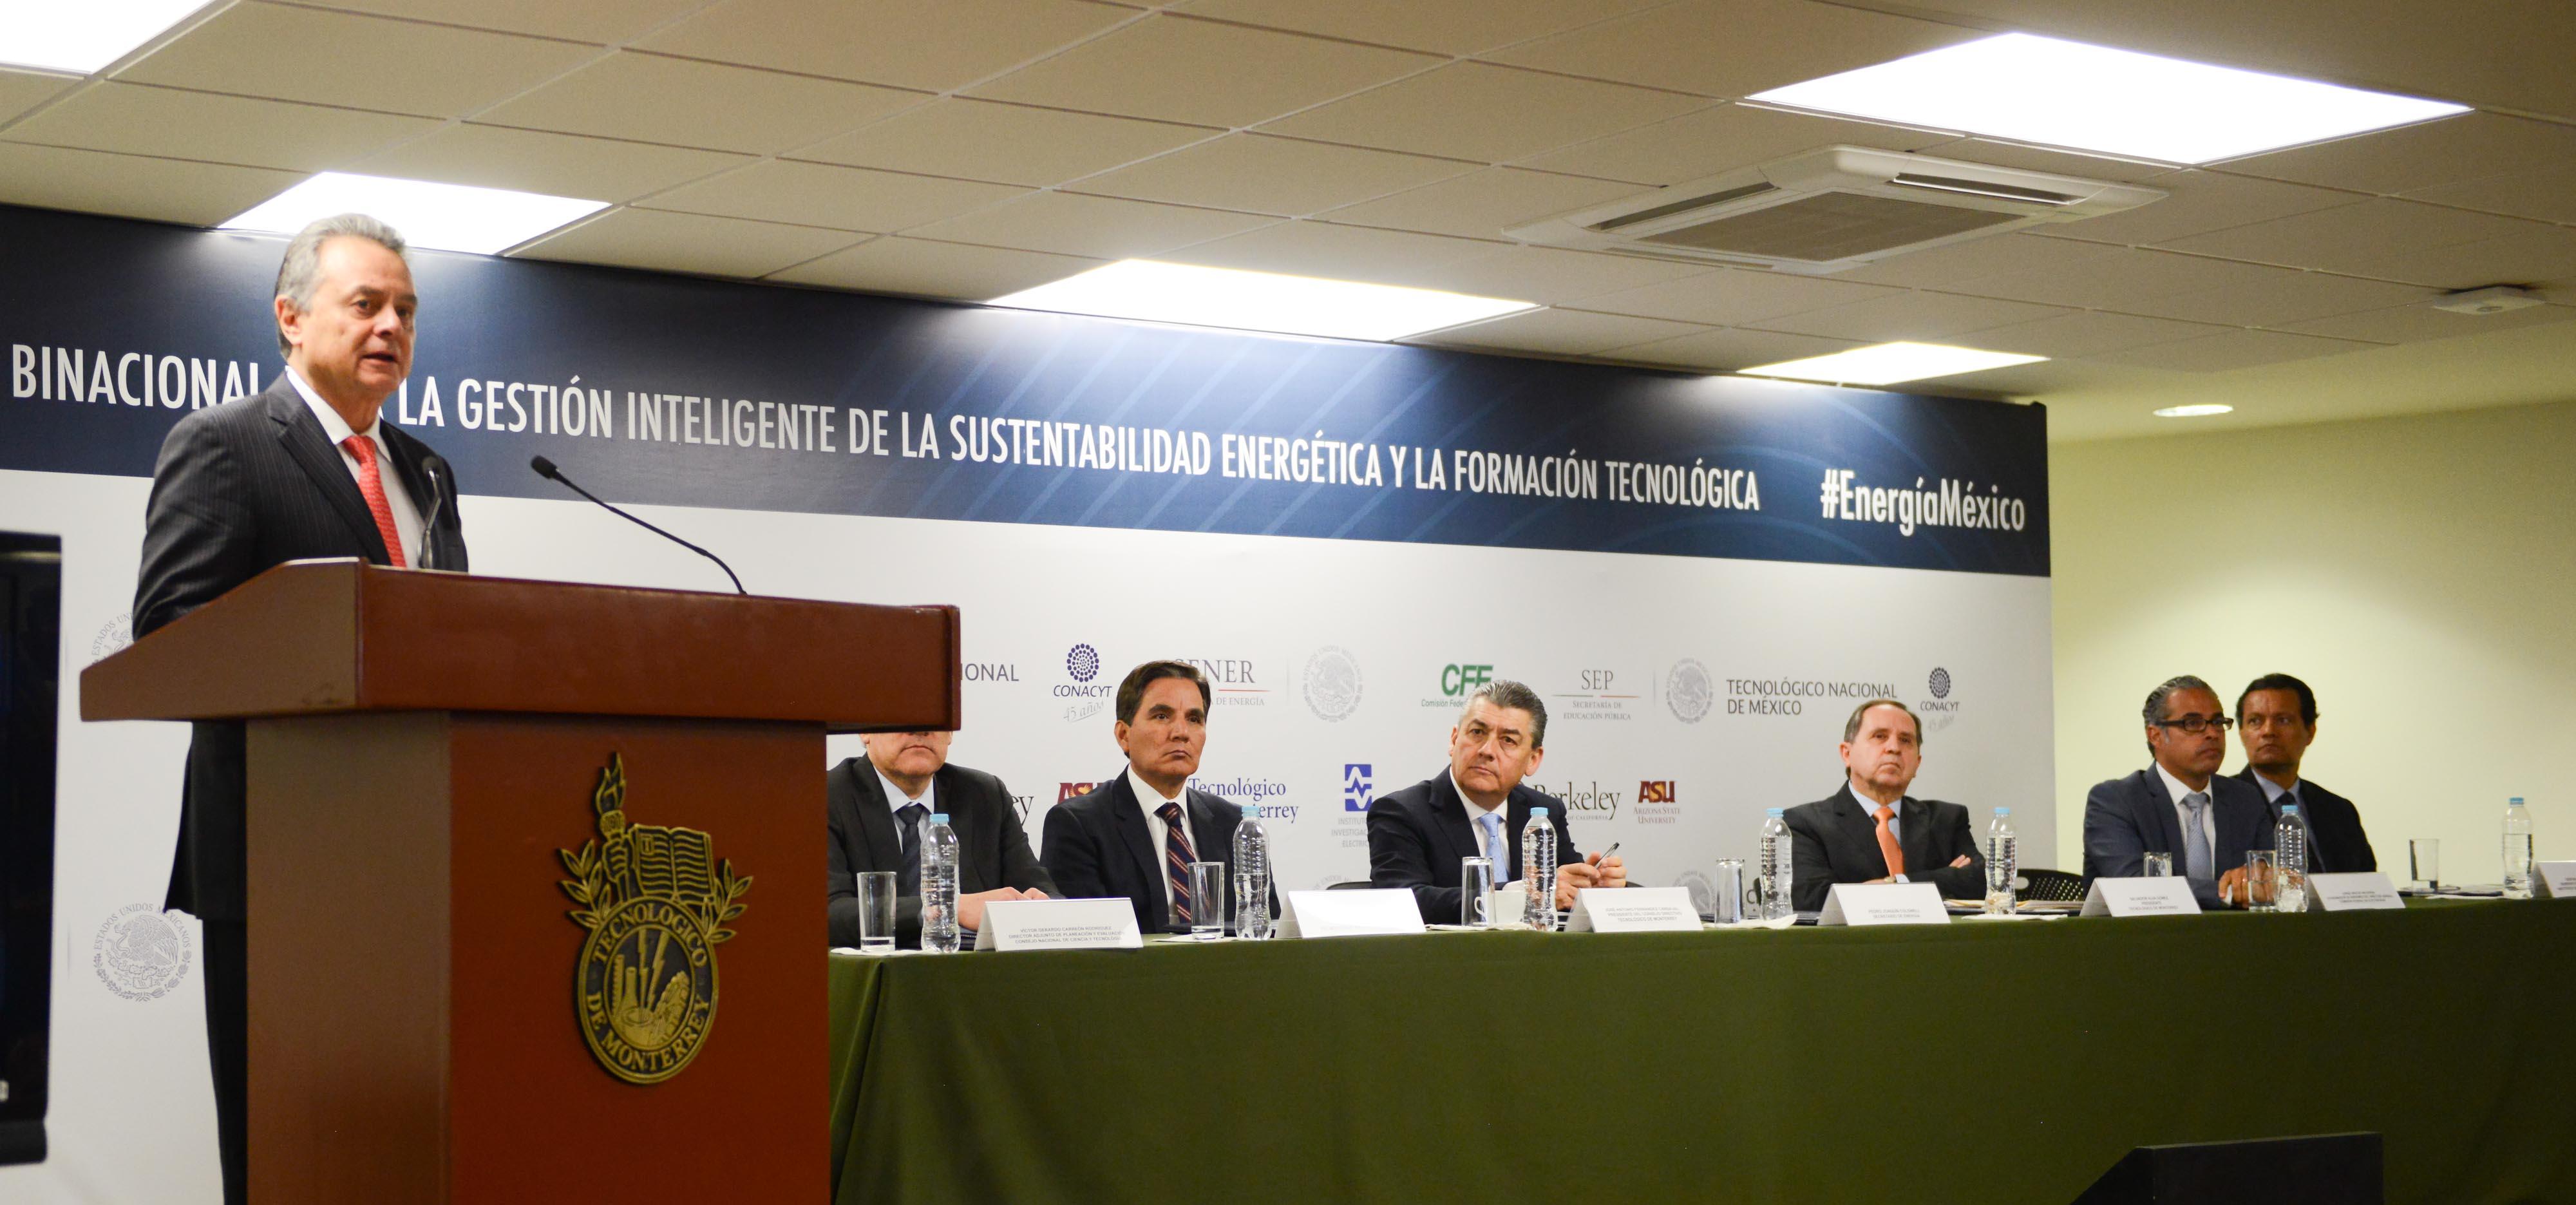 México en la era de la modernidad con dos revoluciones, la educativa y la energética